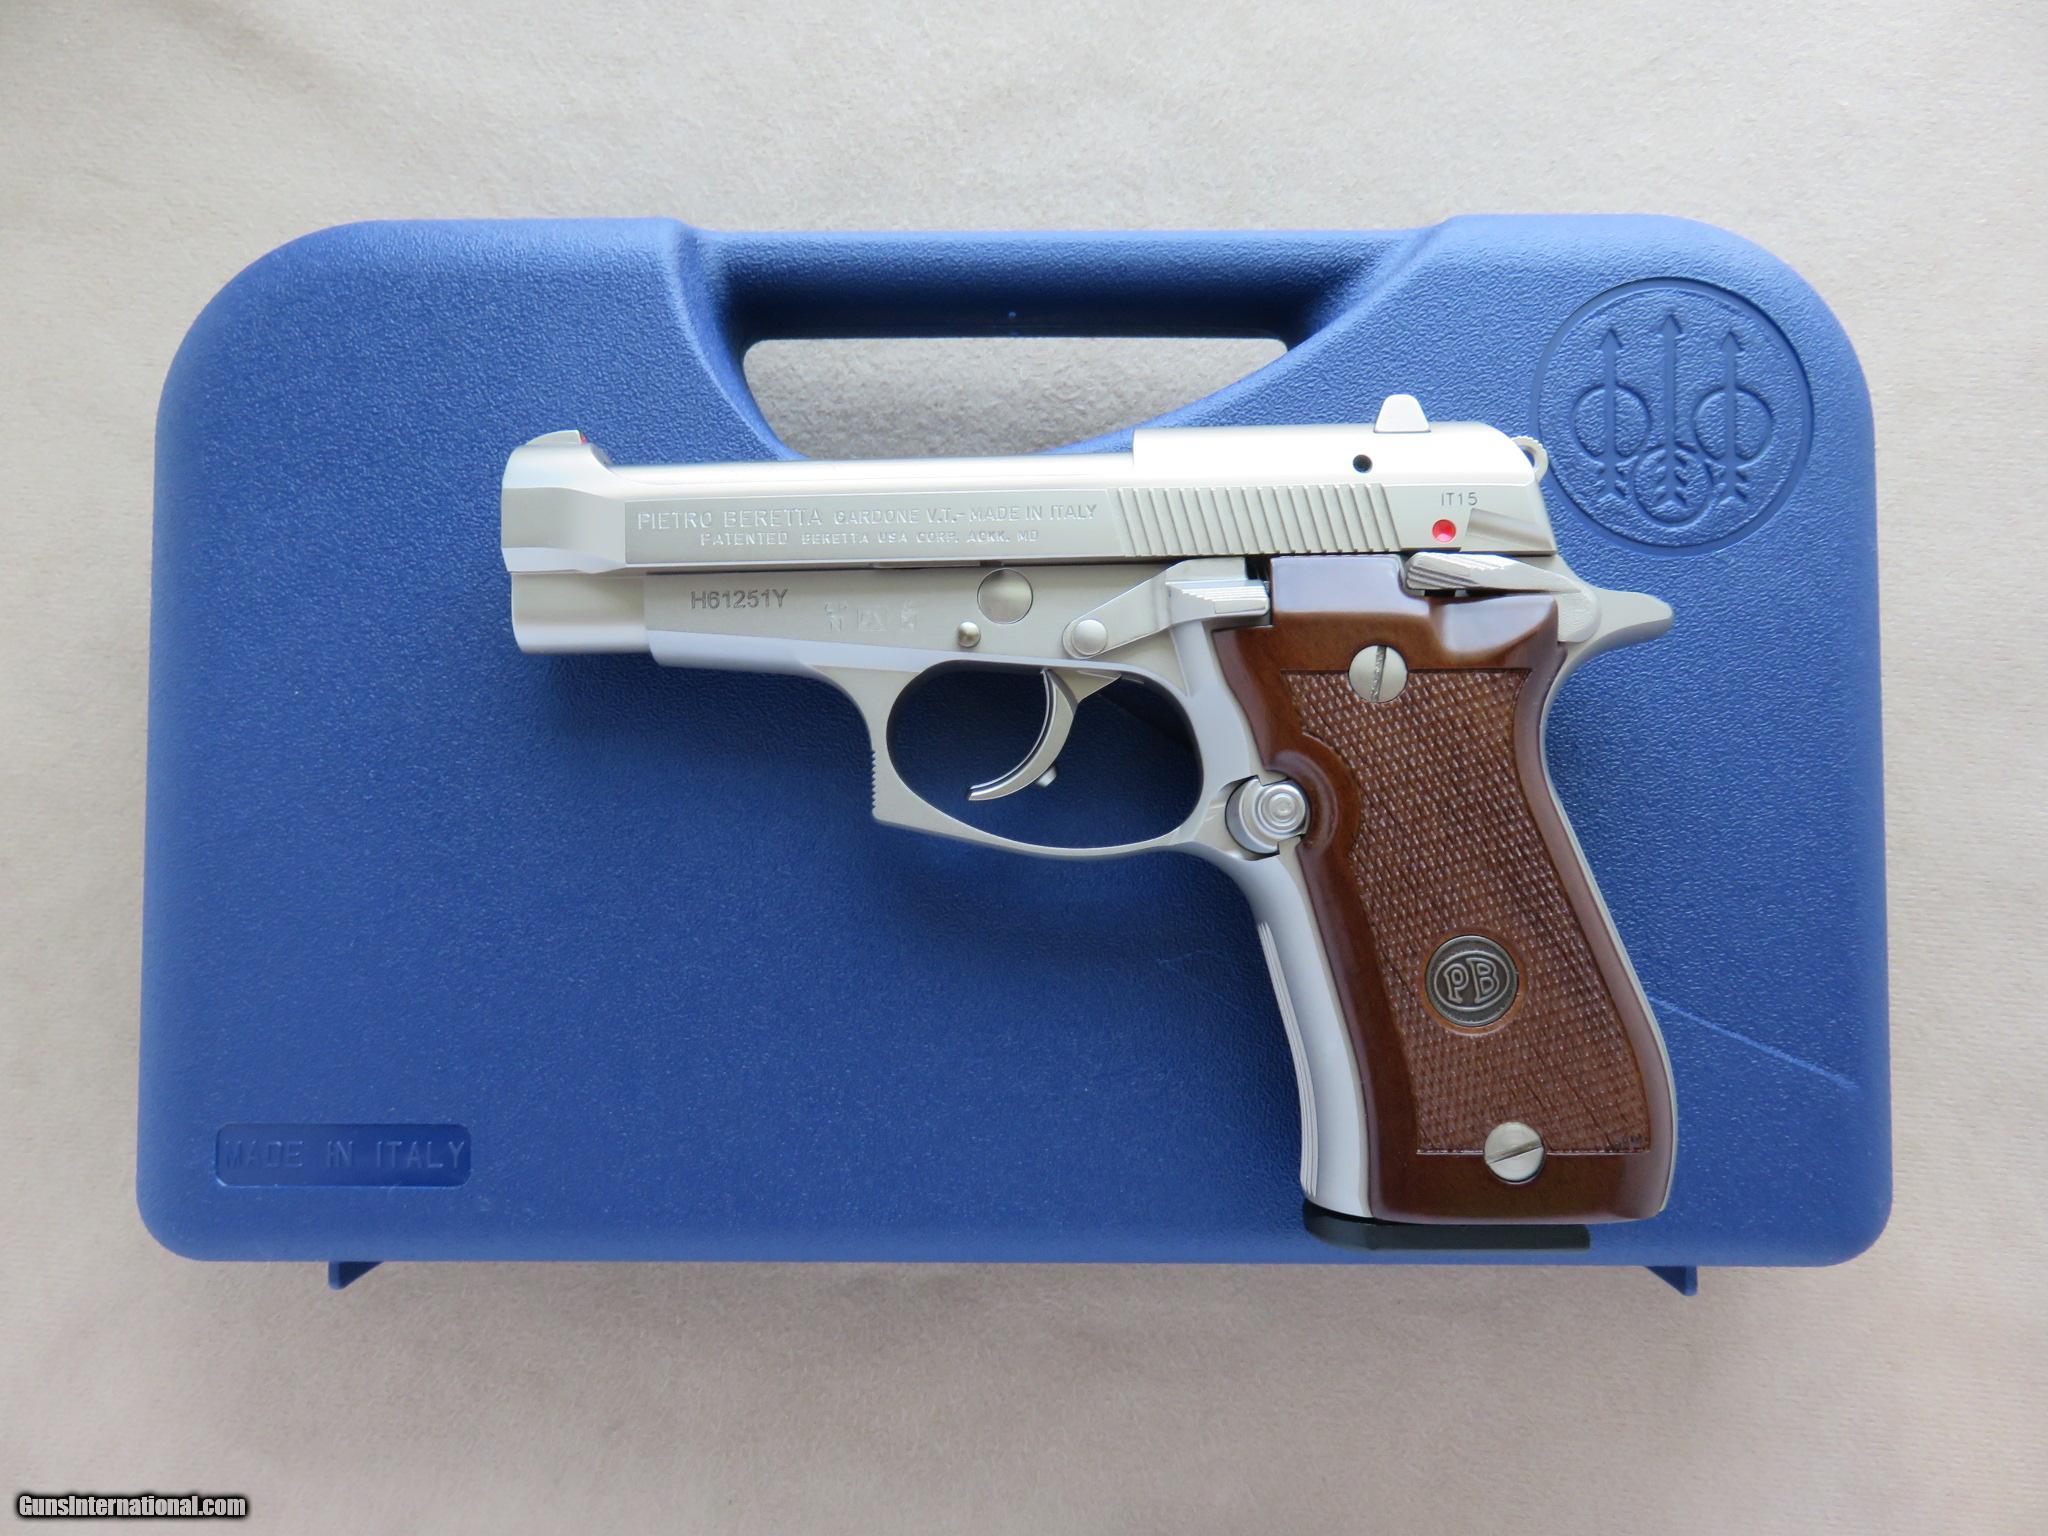 Beretta Model 84FS Cheetah  380 ACP Nickel Finish w/ Box